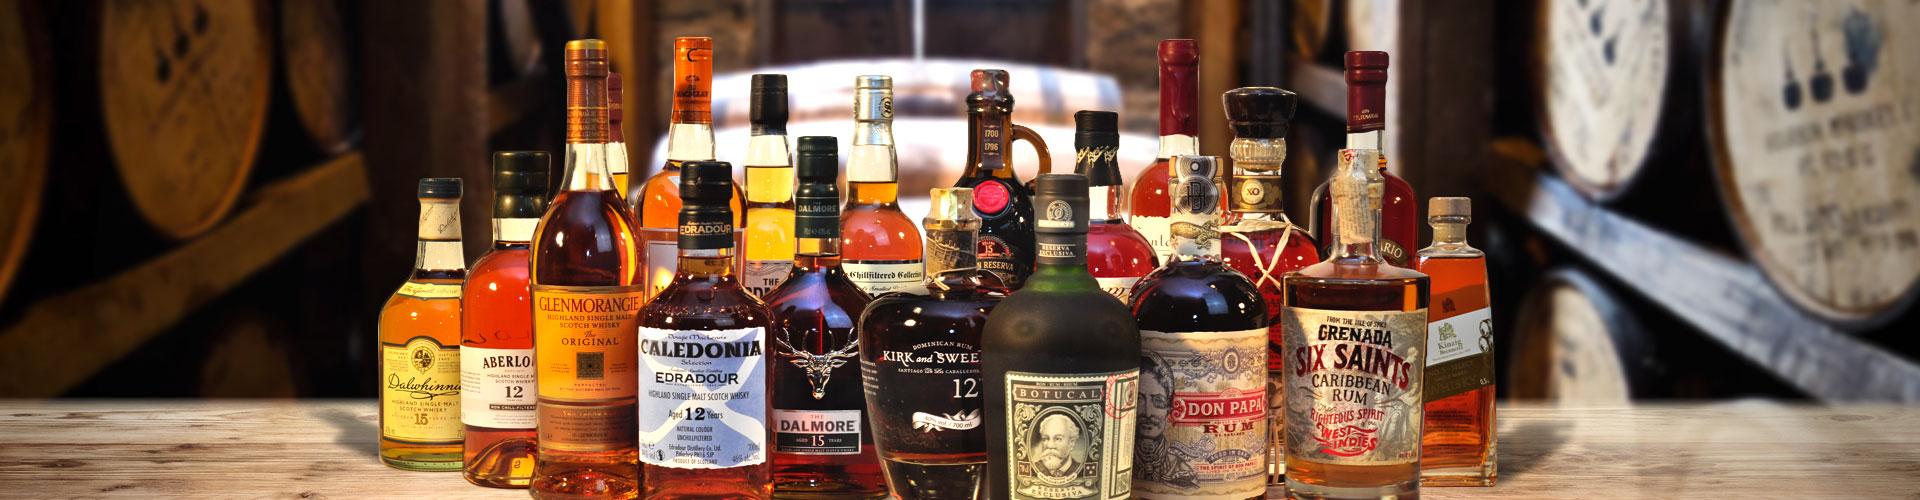 Whisky - Tastings - Rum